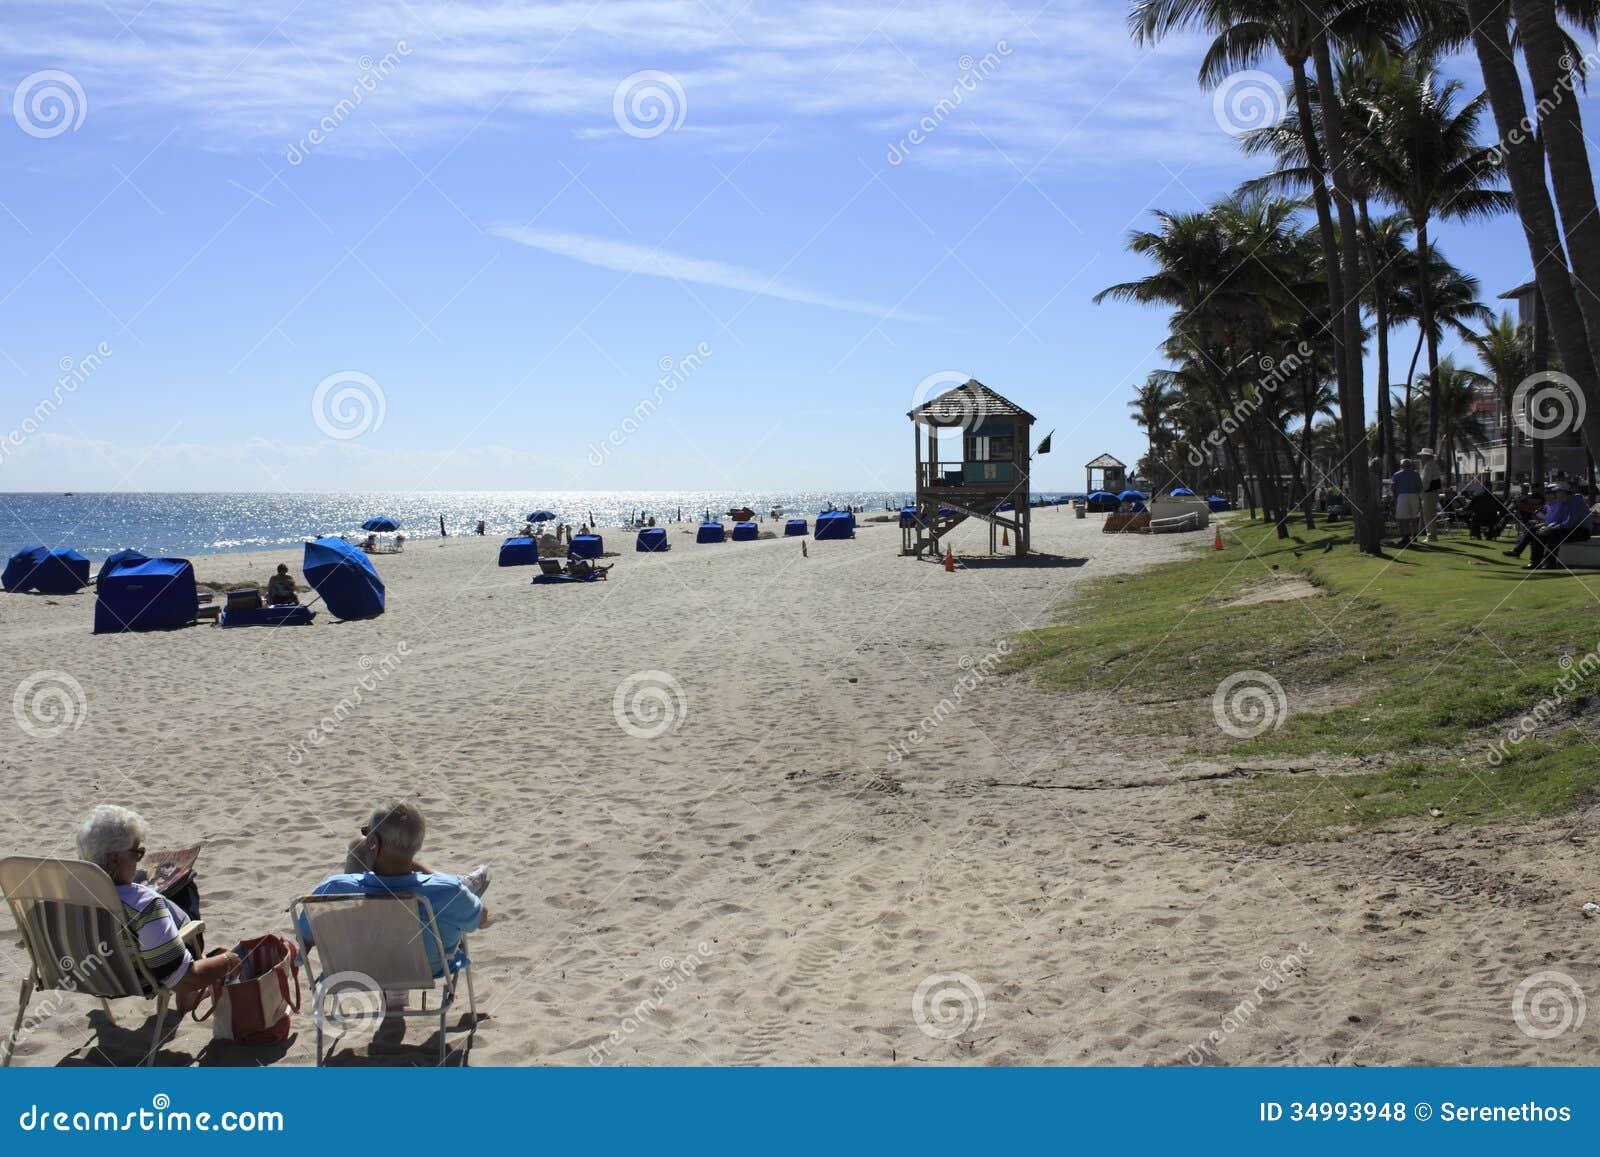 deerfield beach divorced singles Deerfield beach online dating for deerfield beach singles 1,500,000 daily active members.